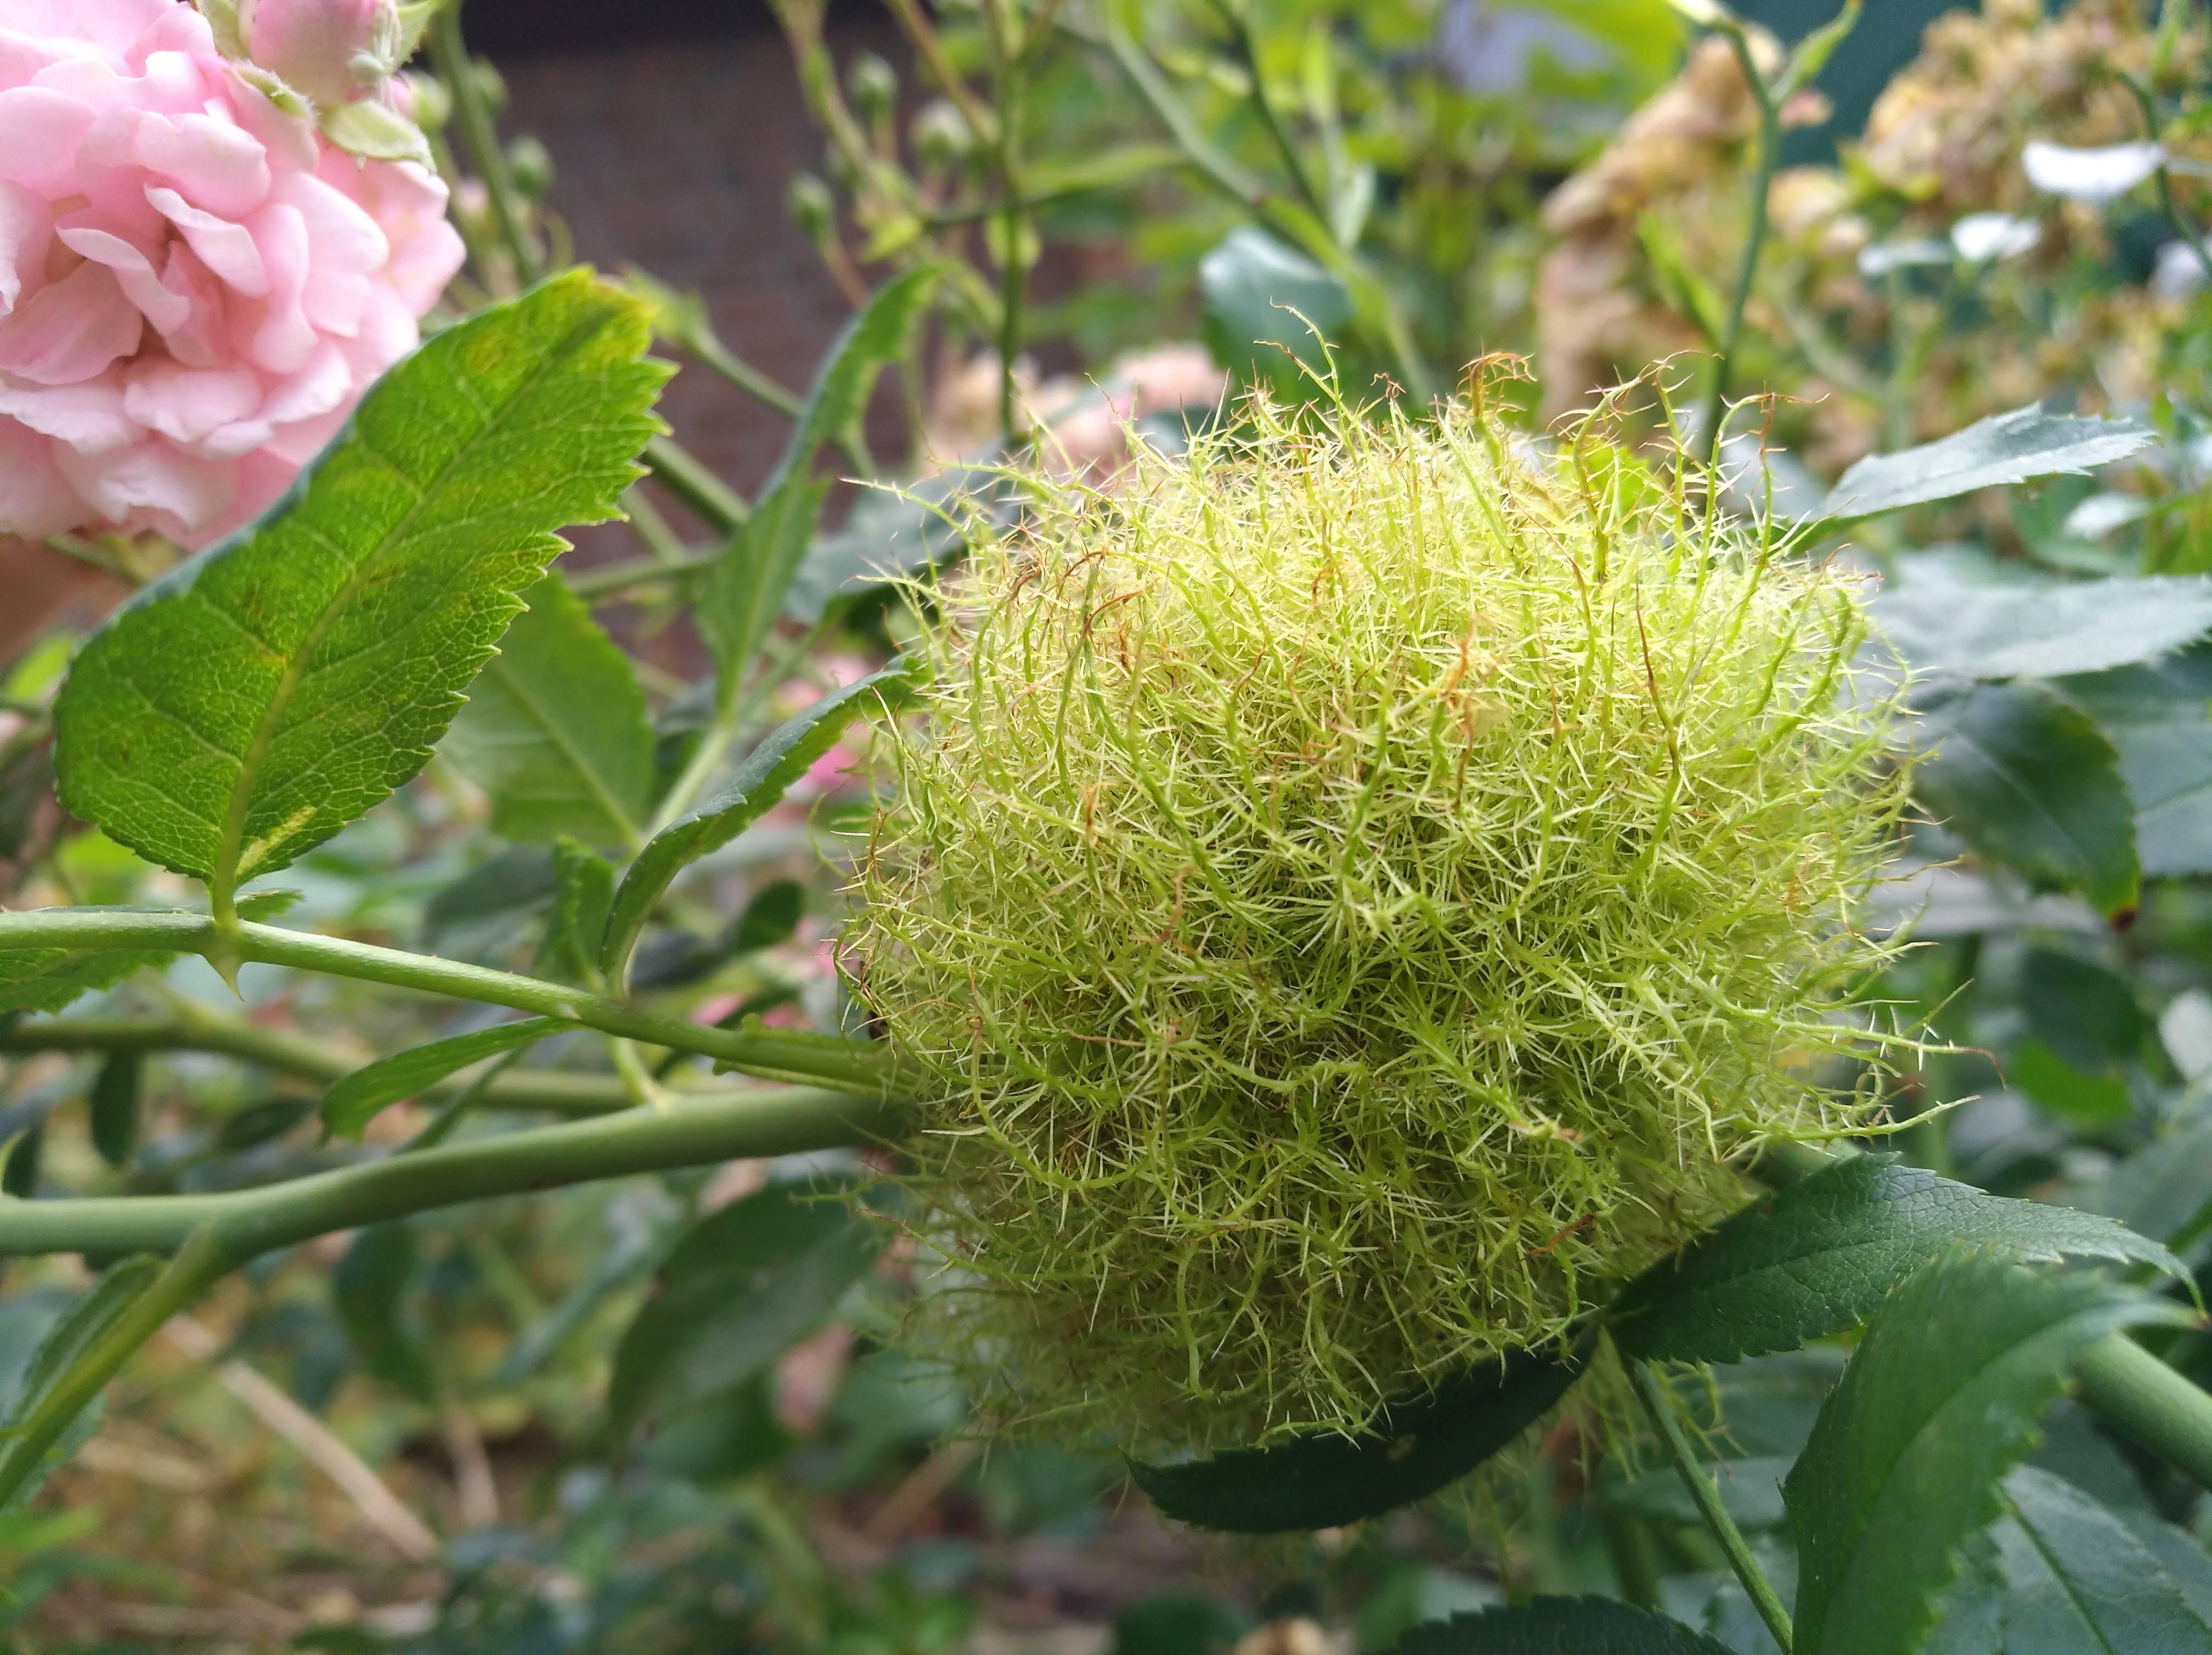 Rosengallwespen lassen zottlige grüne Kugeln wachsen